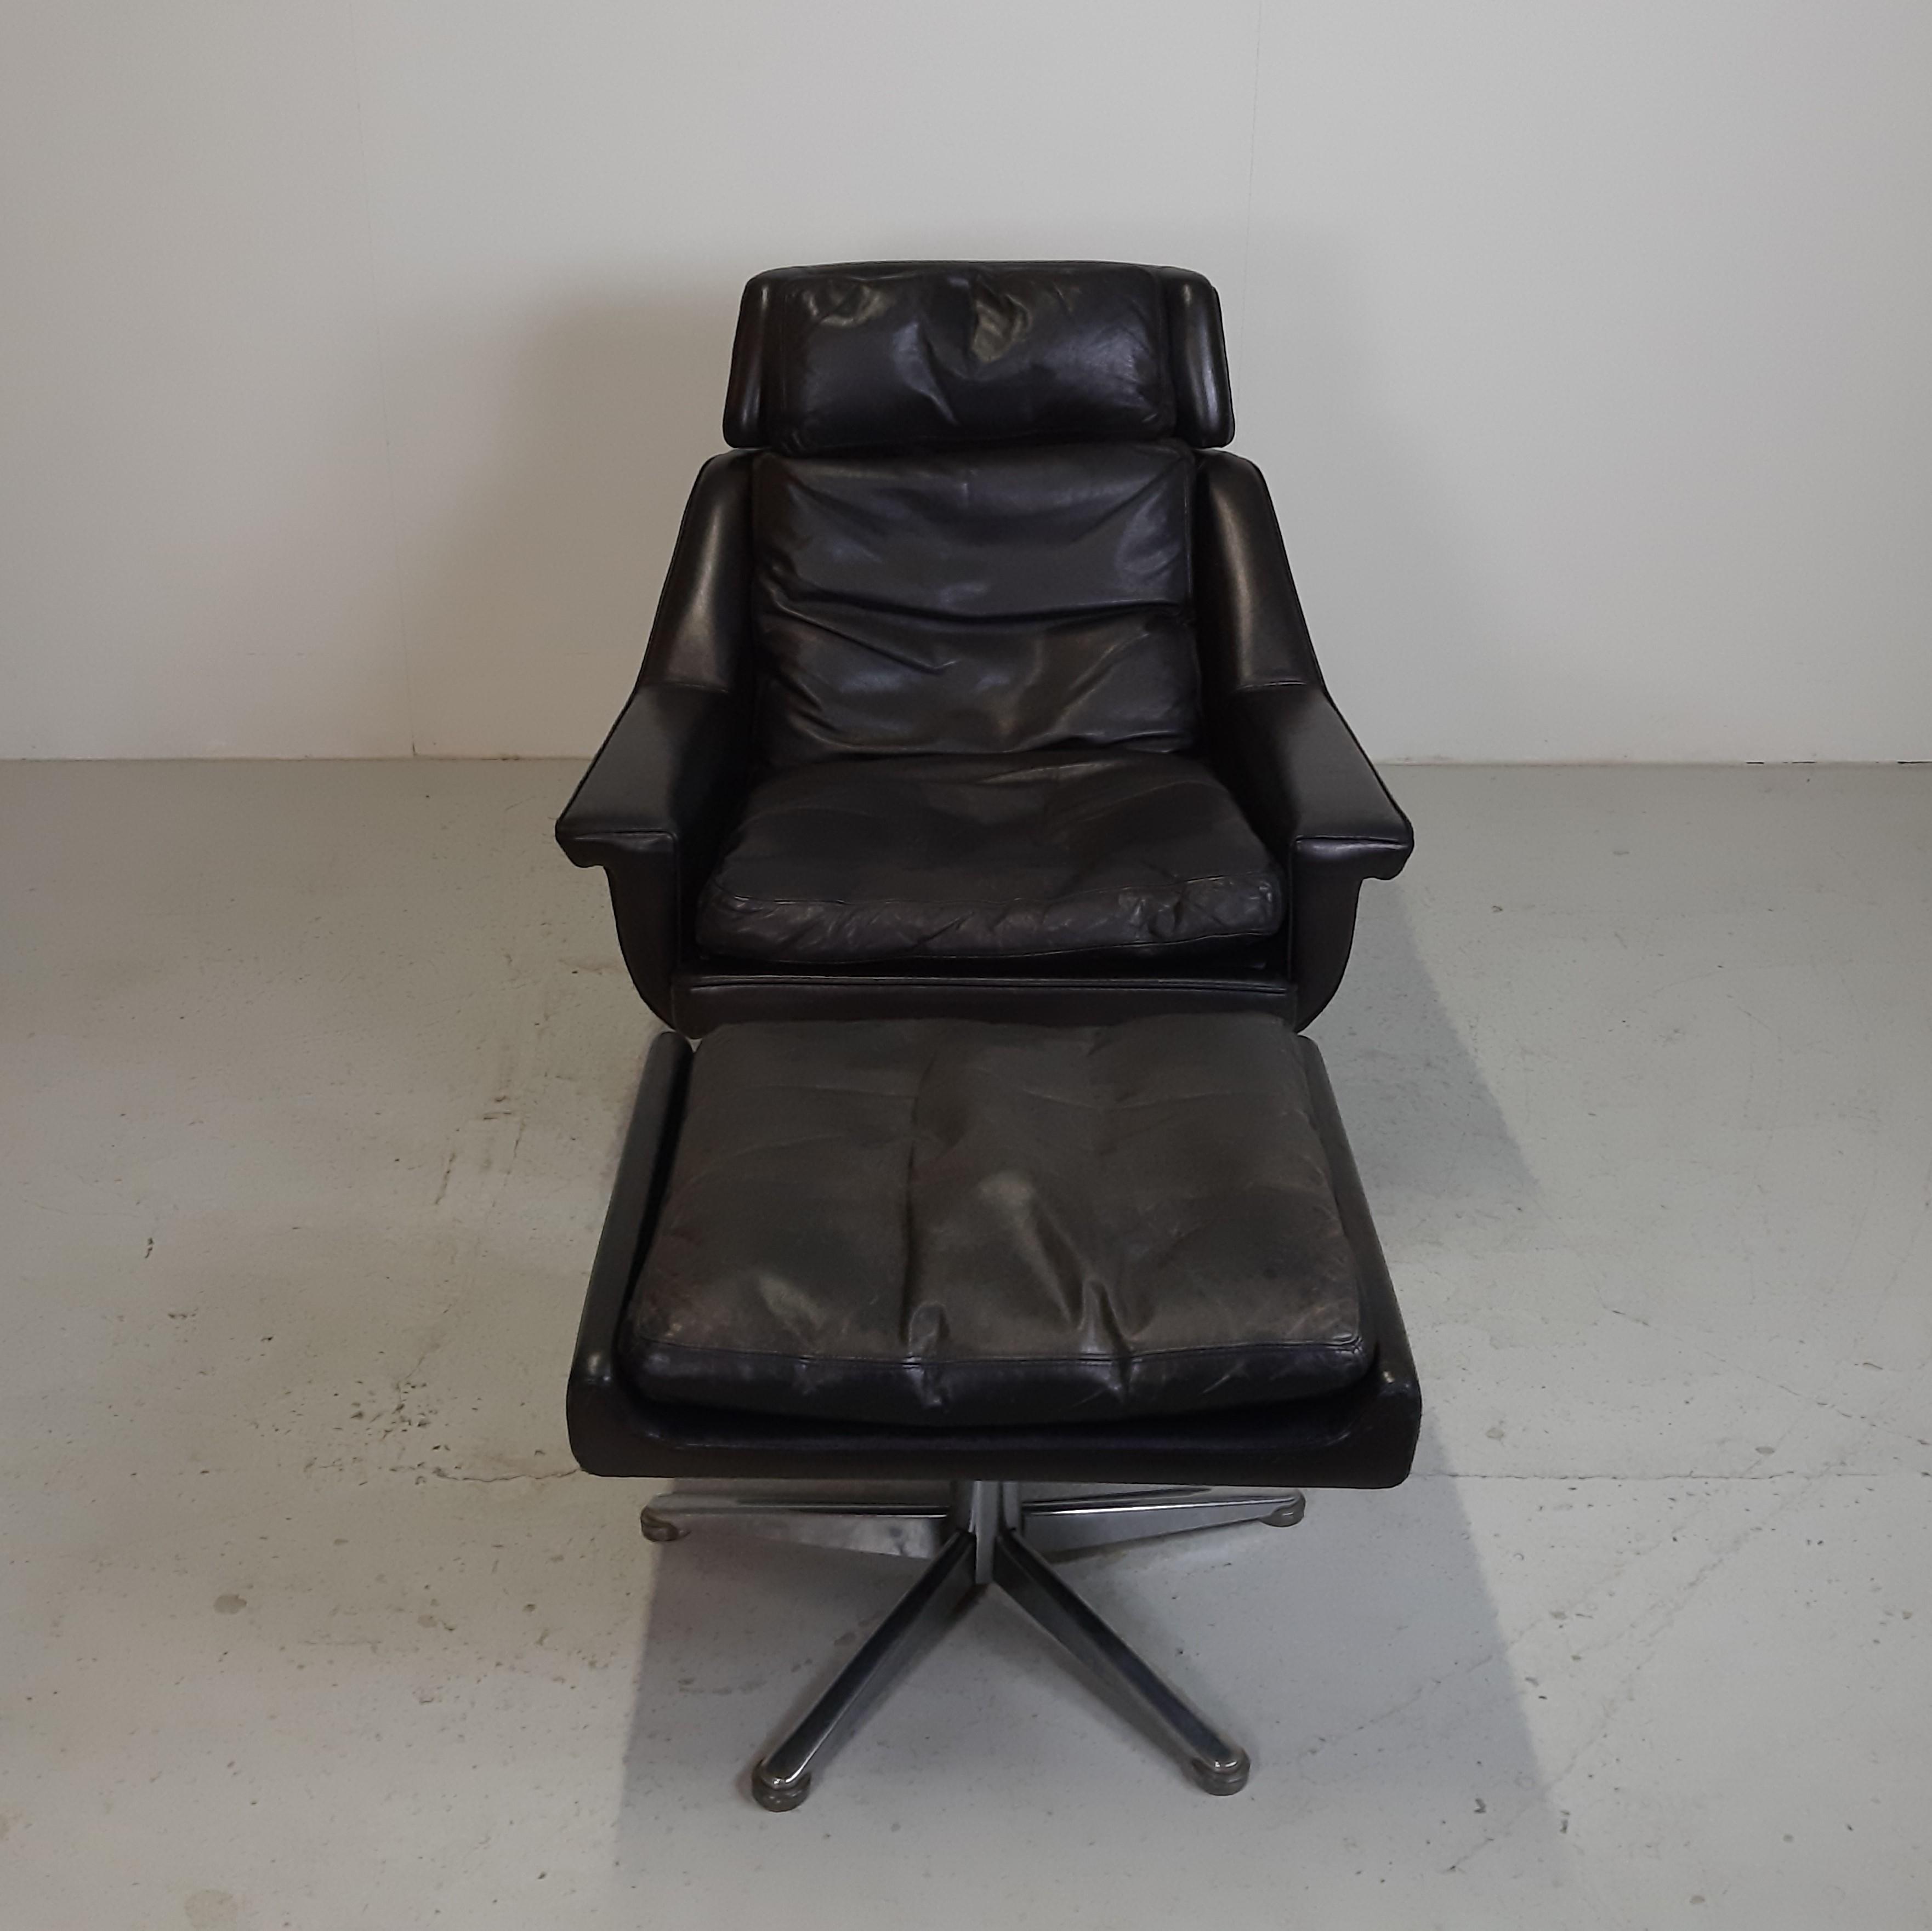 Massivt Langfeld Design   Læder lænestol - Retrofabrikken KQ45